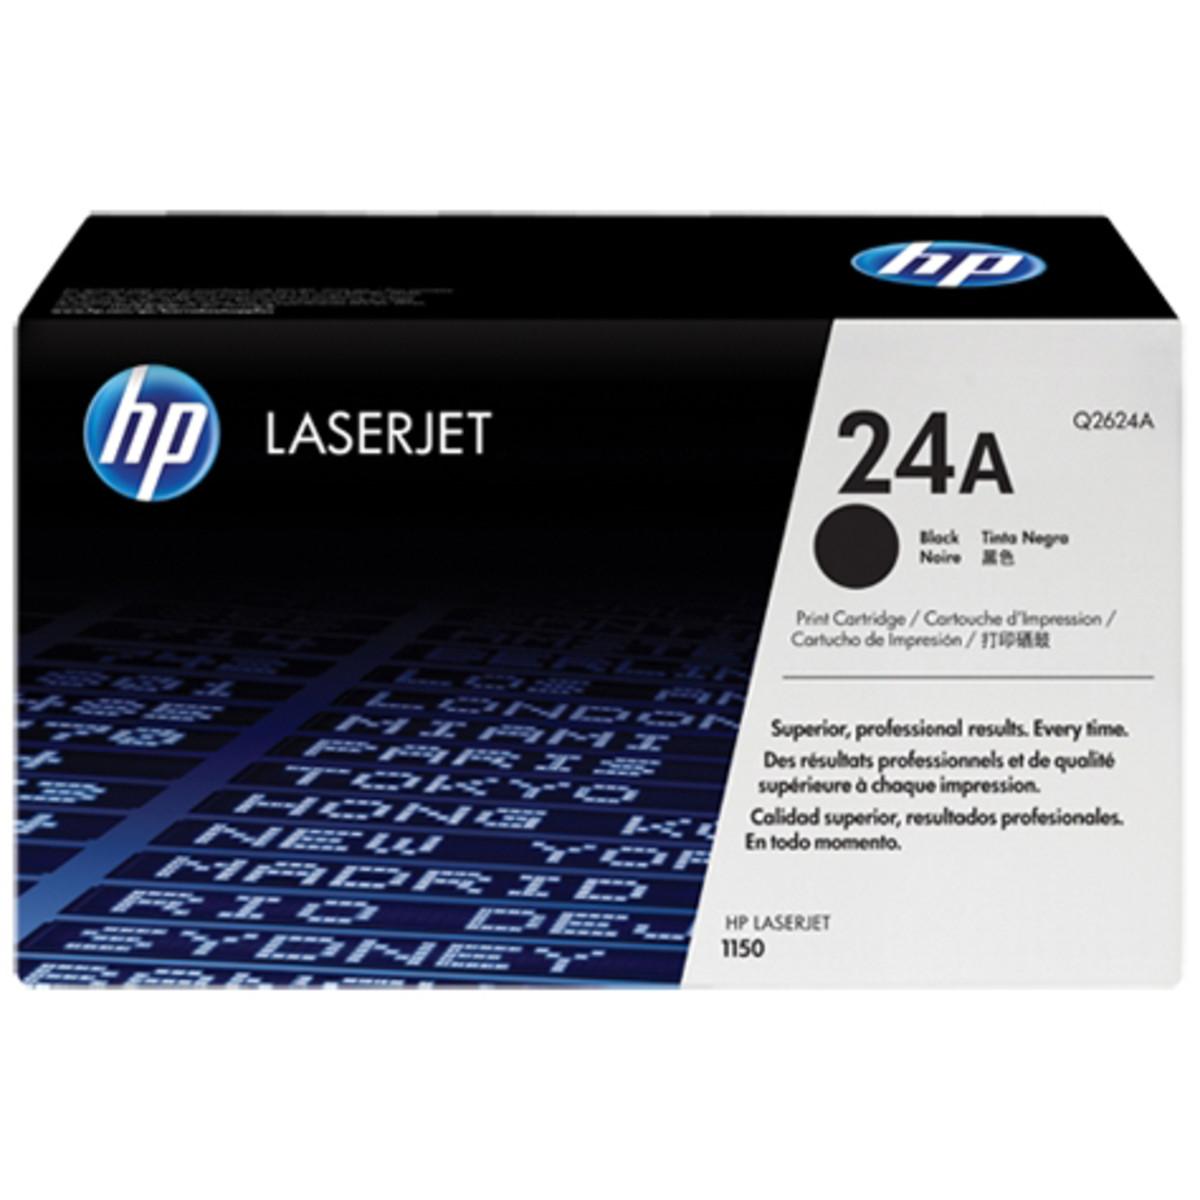 HP 24A (Q2624A) Black Toner Cartridge